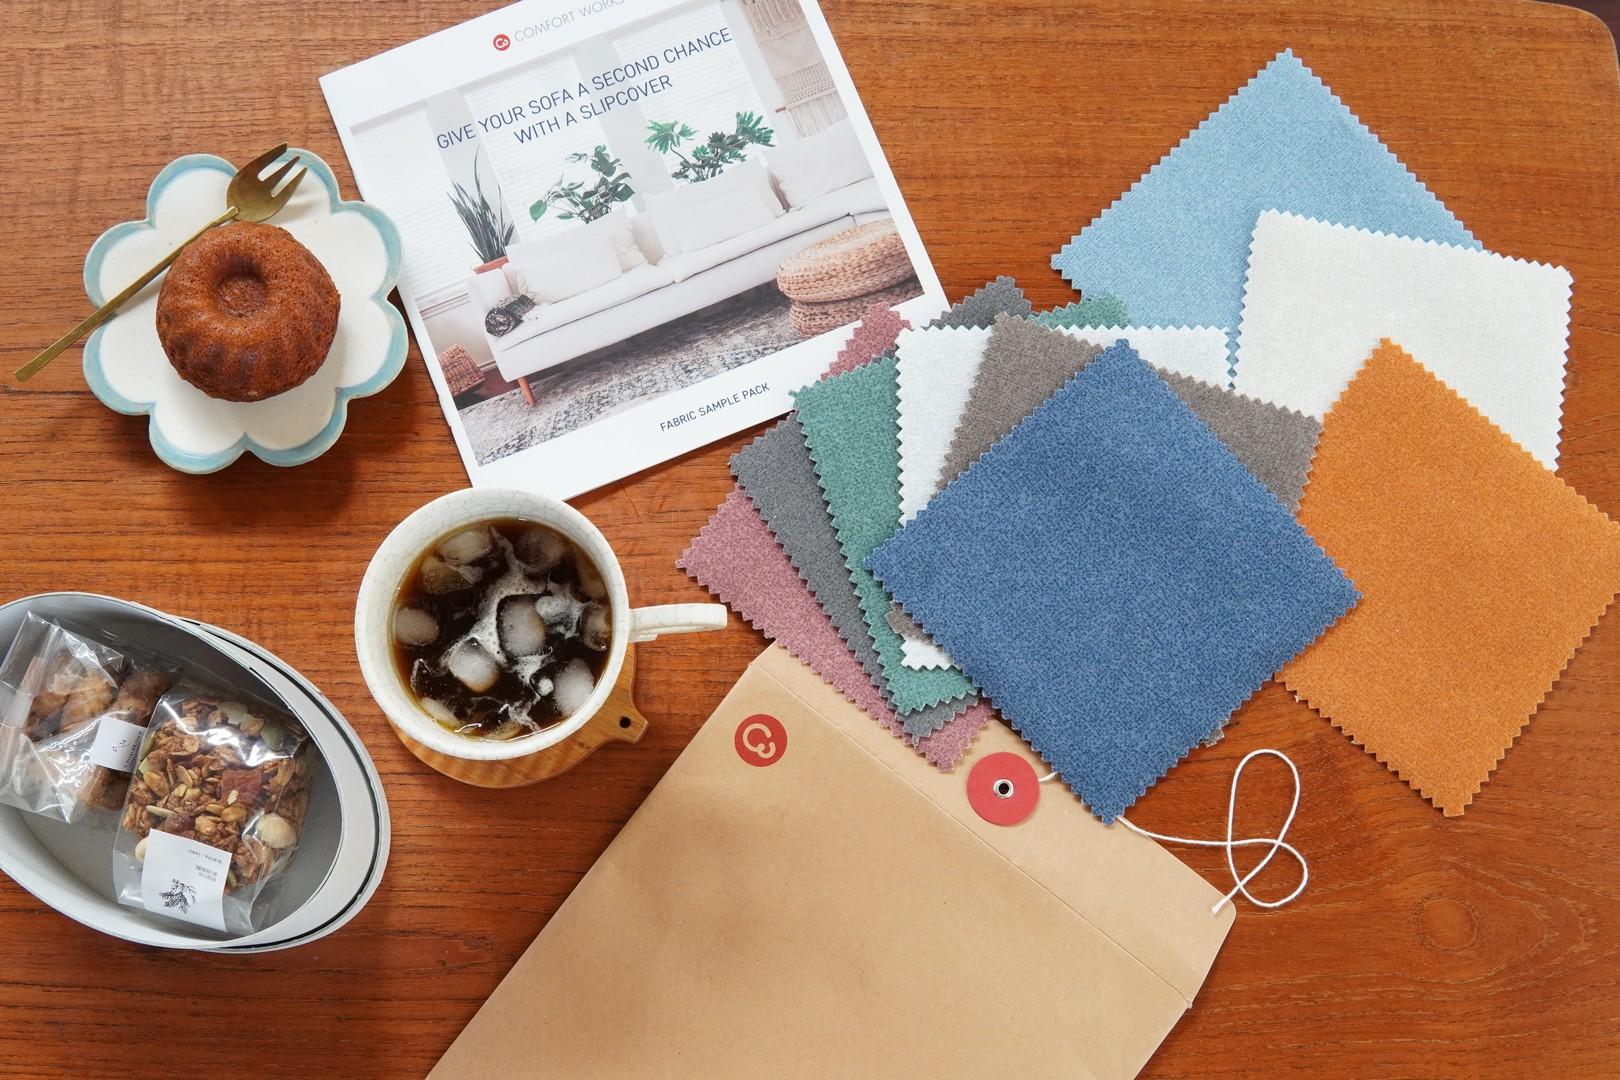 Collection de tissus Comfort Works pour des housses de remplacement